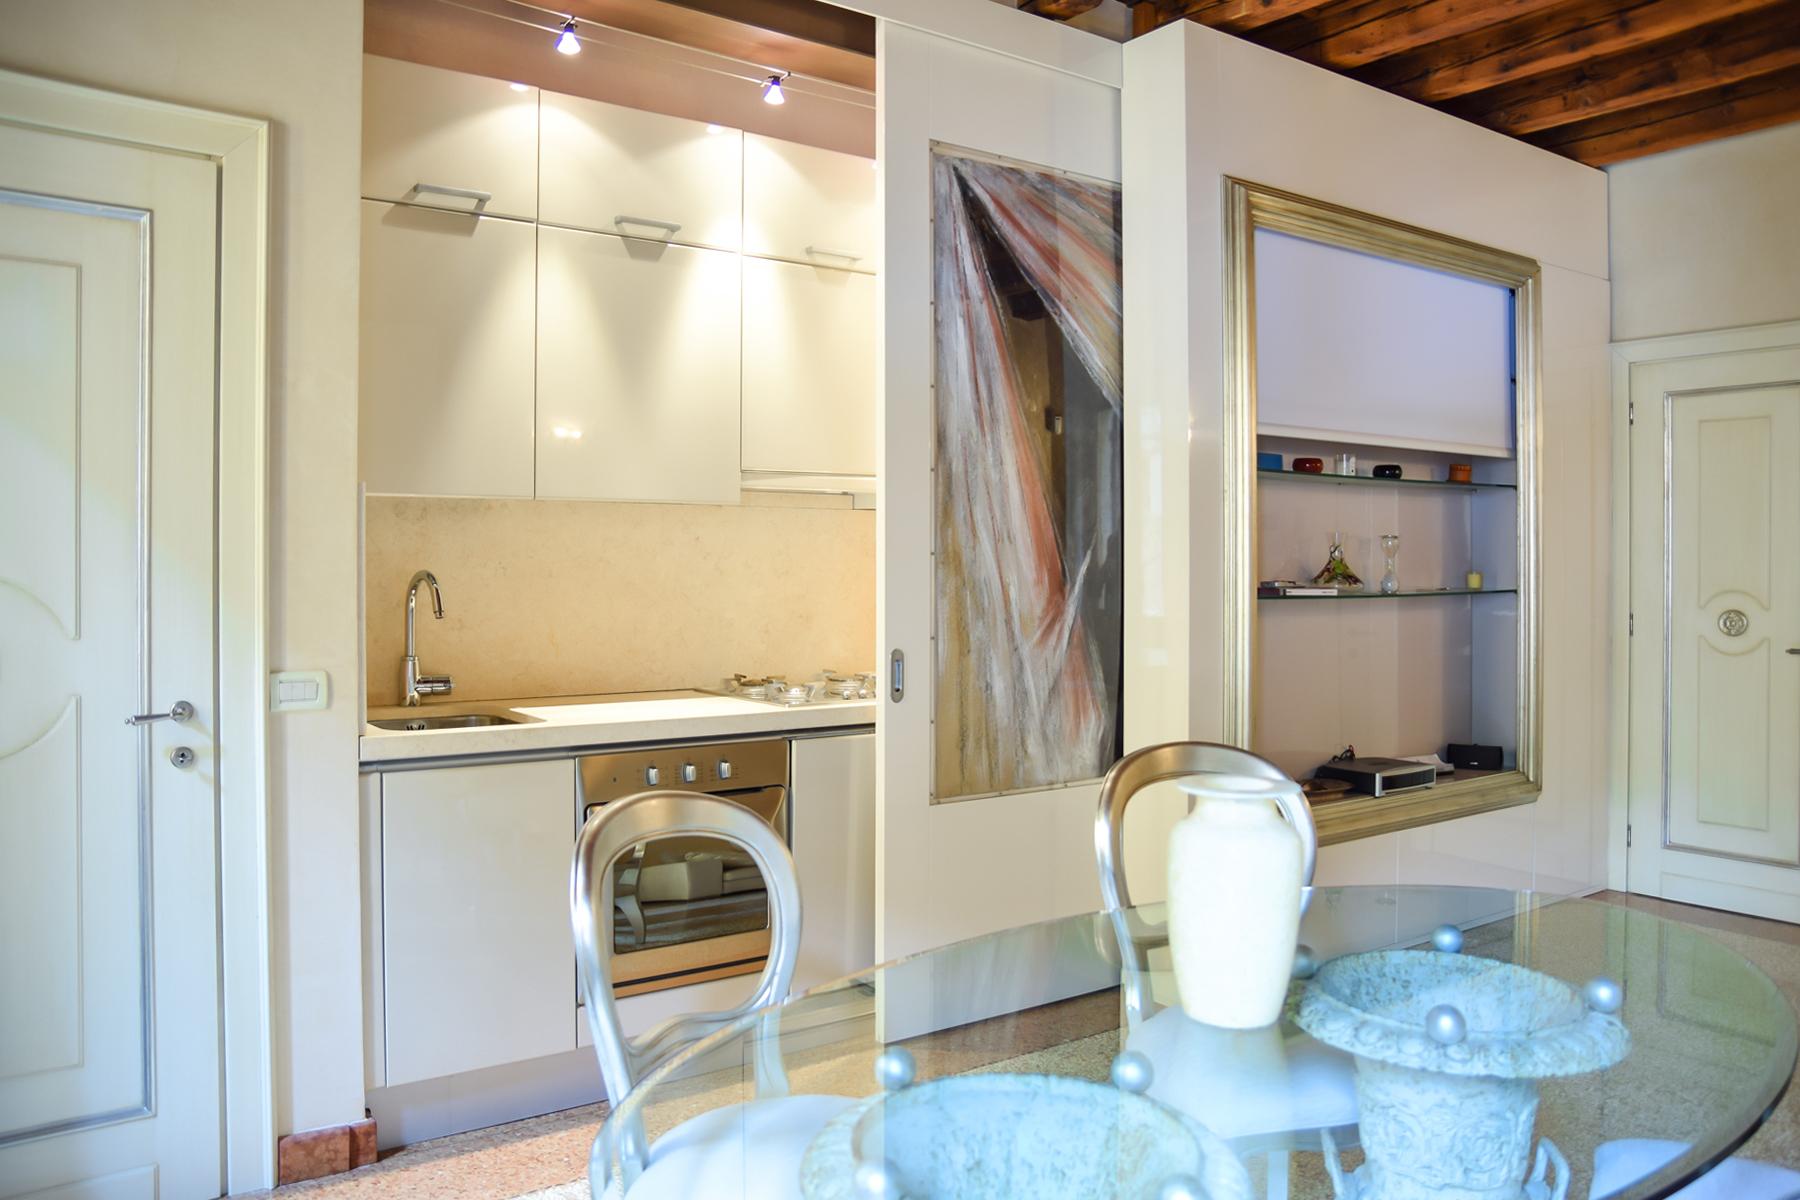 Appartamento in Vendita a Verona: 3 locali, 55 mq - Foto 6